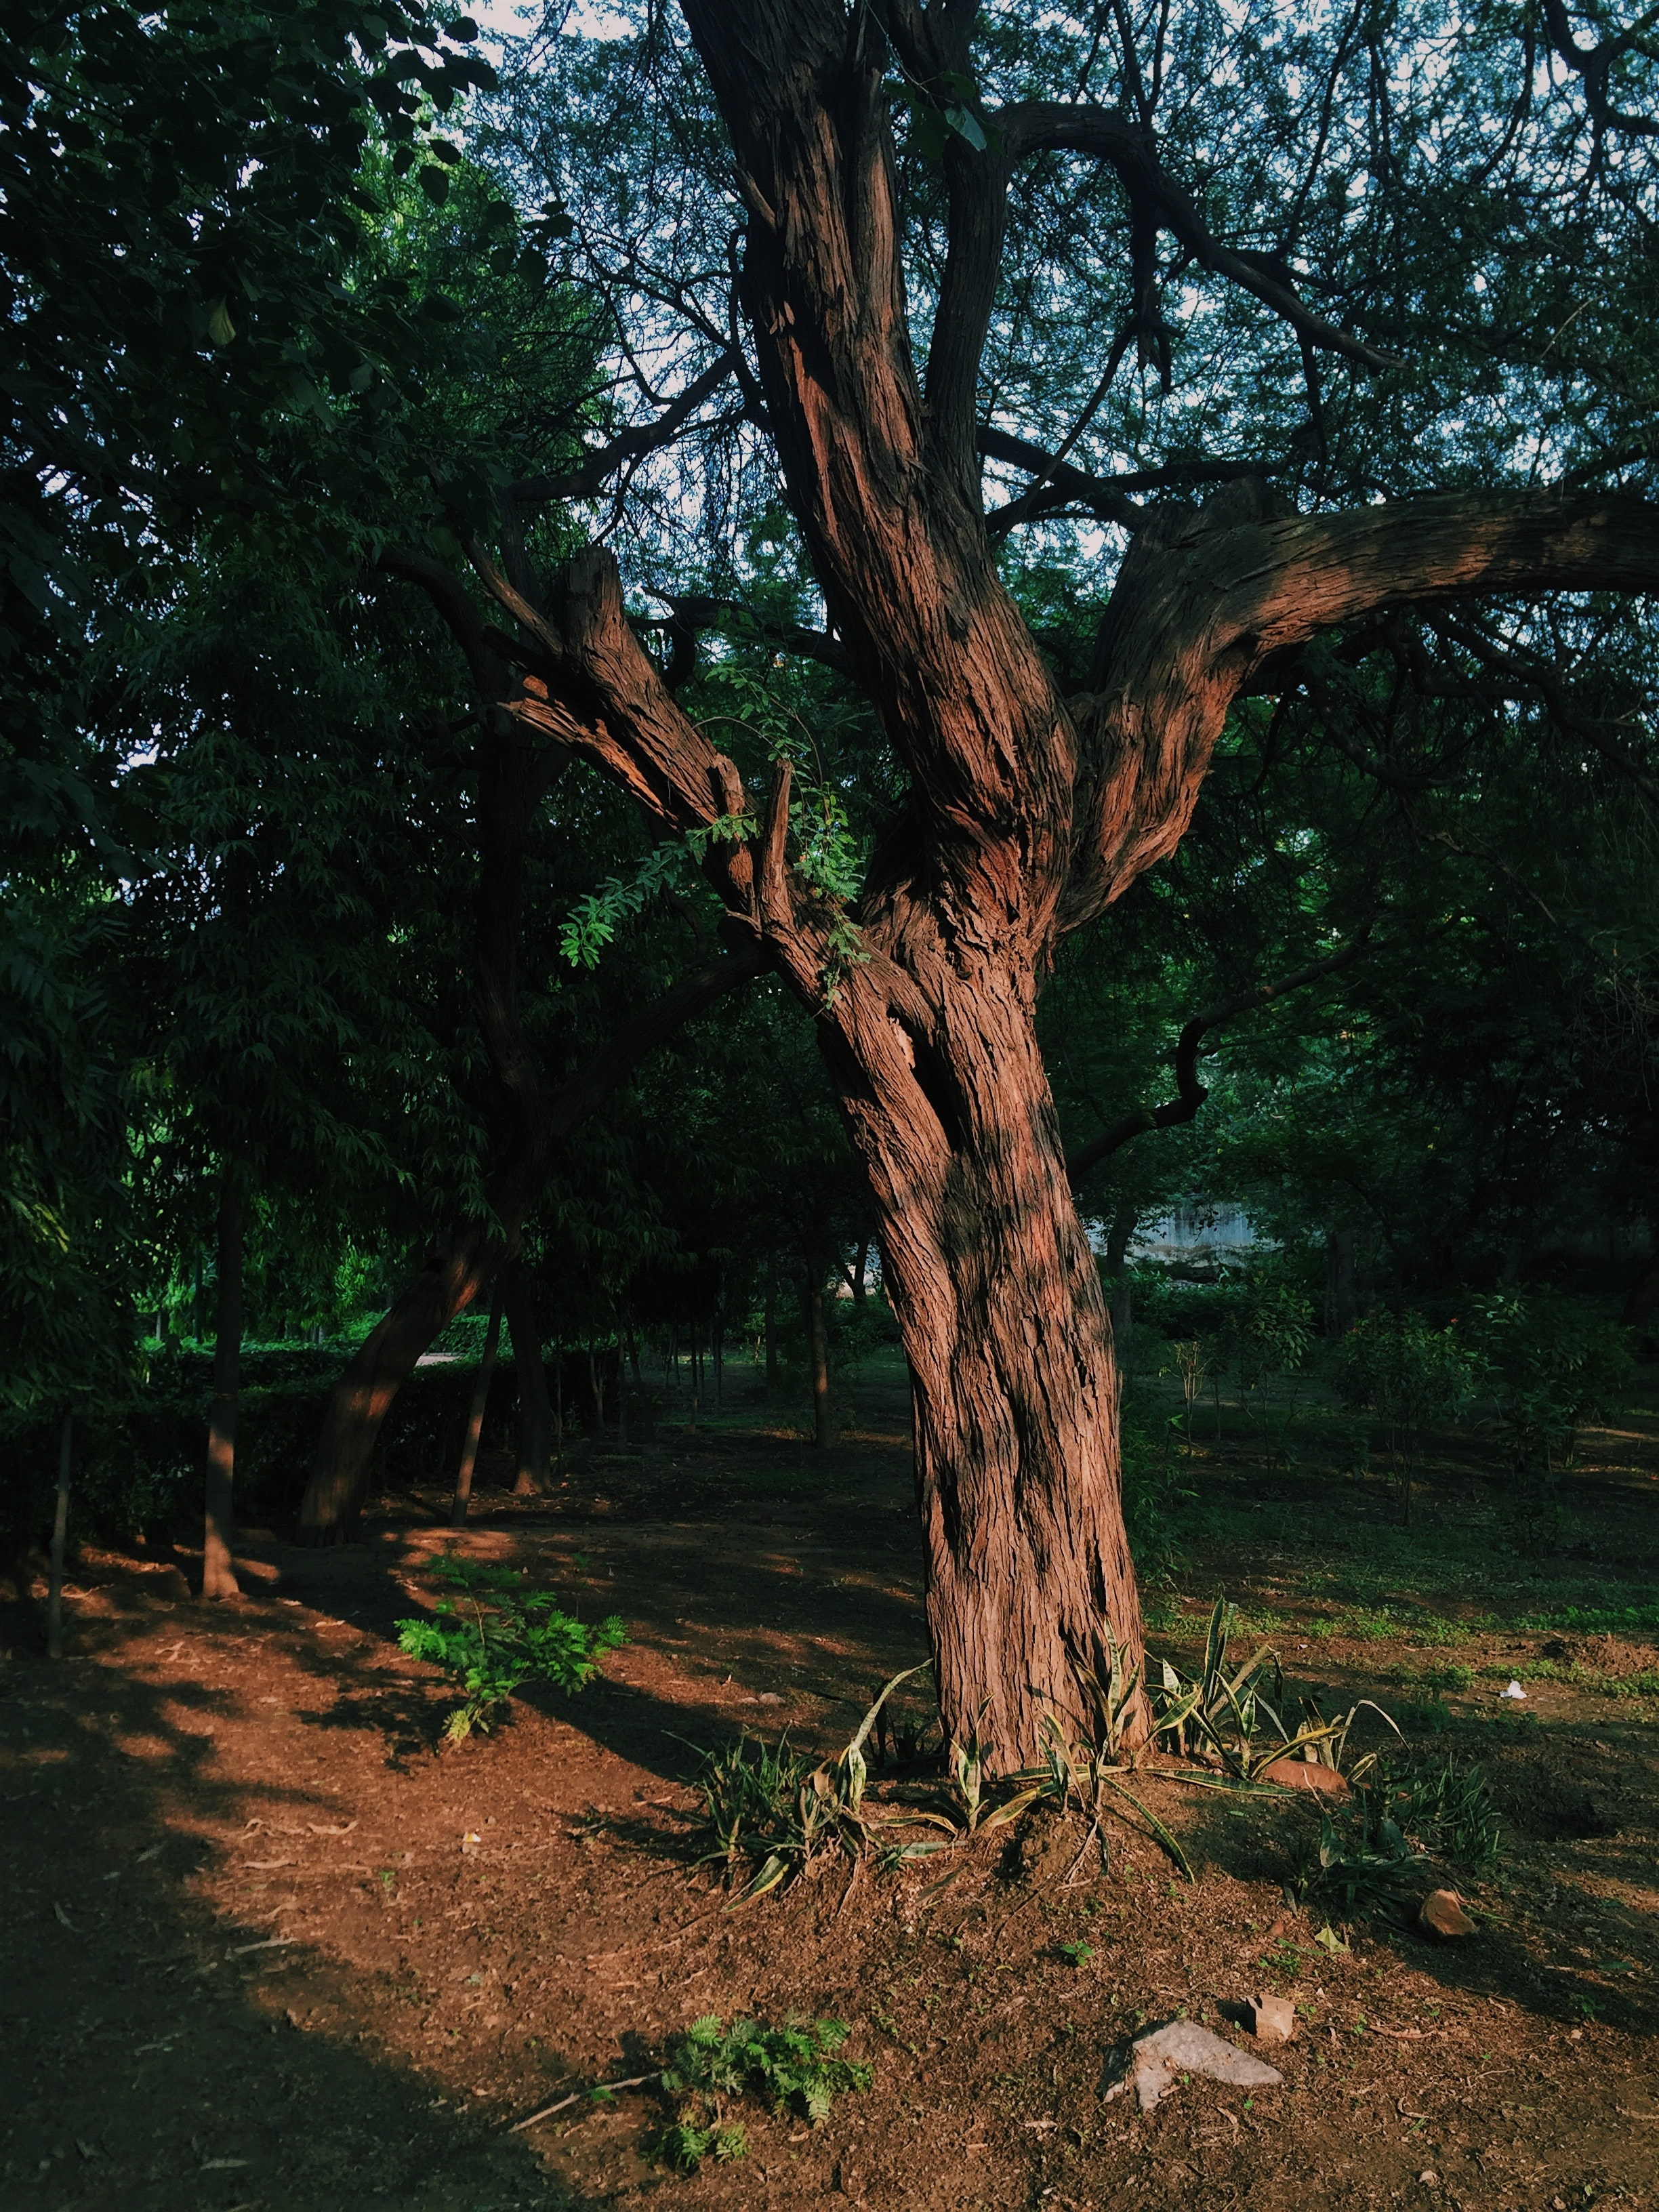 a tall beautiful tree